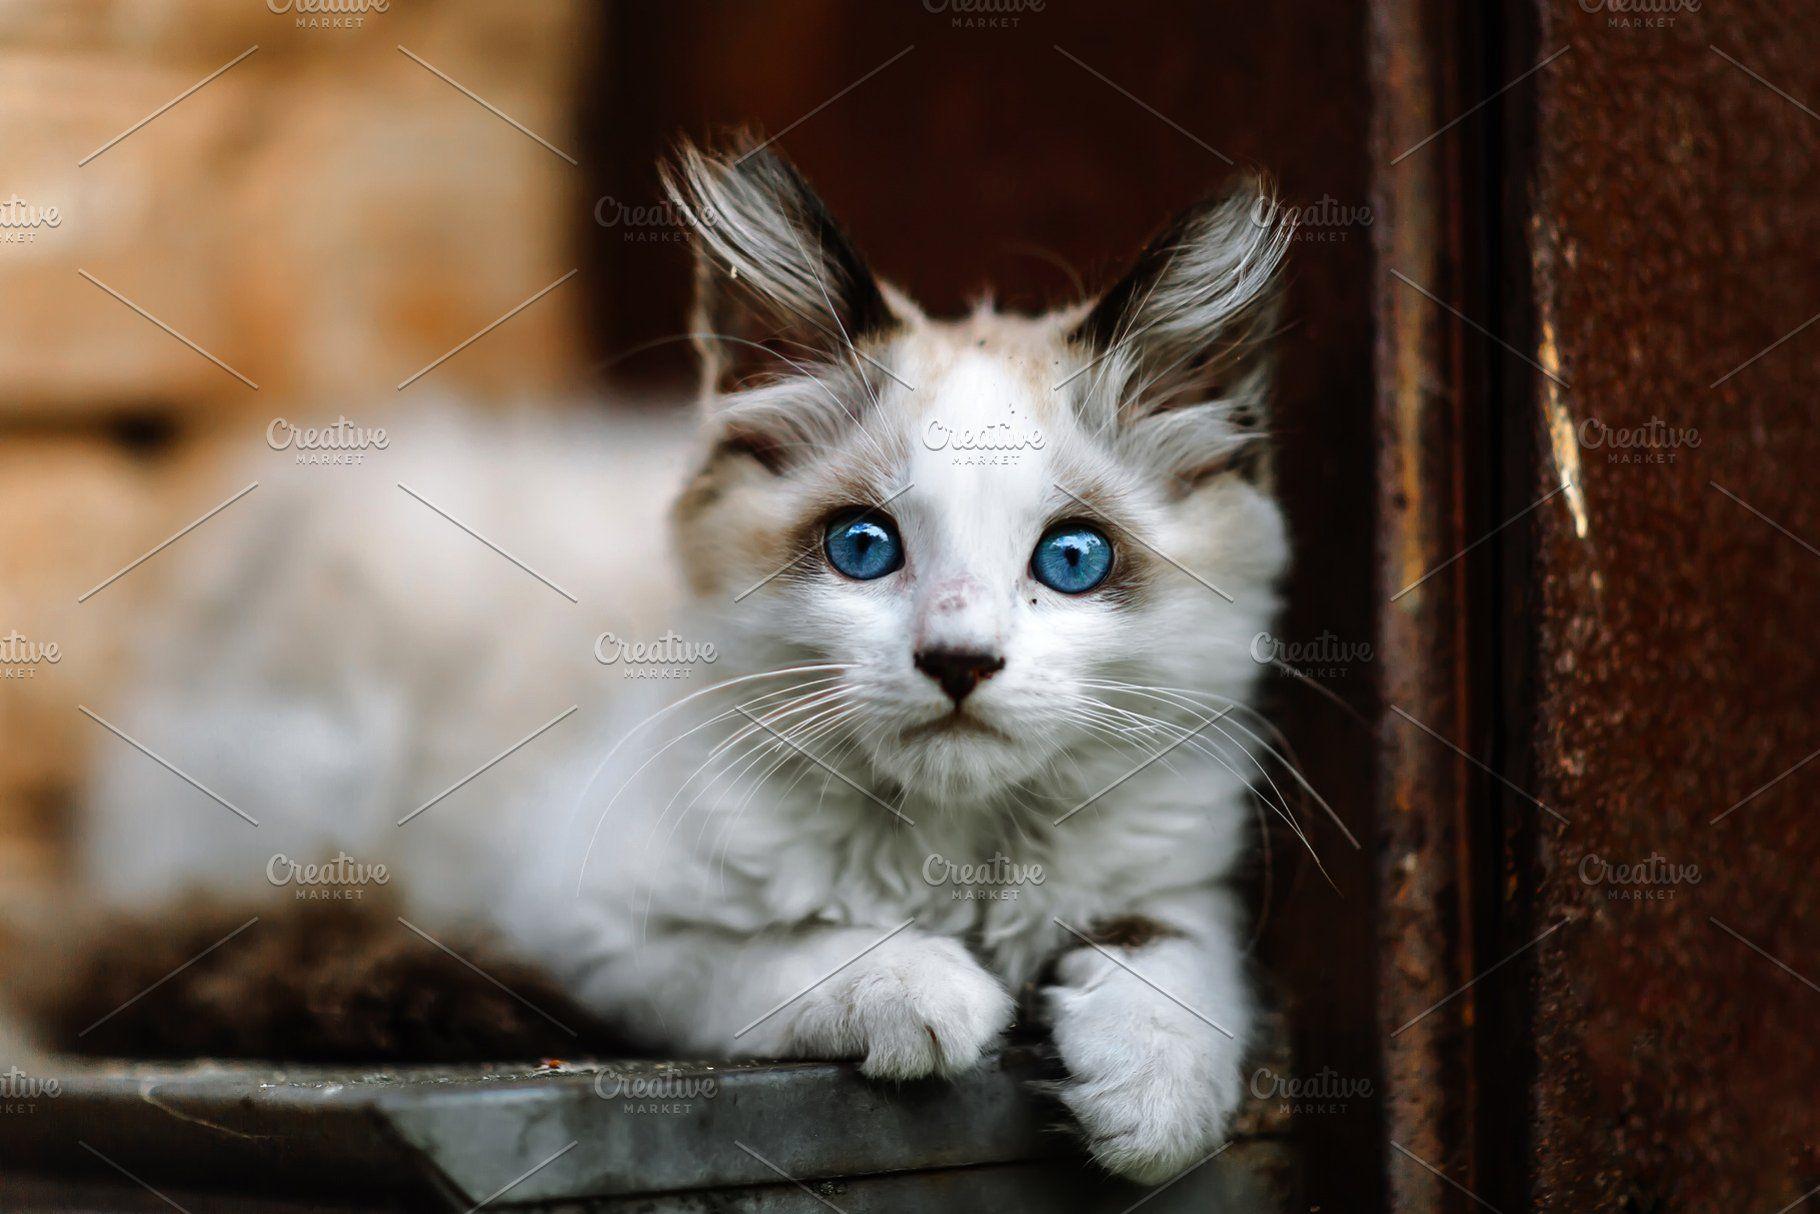 Homeless Grimy Little White Kitten Cat With Blue Eyes White Kittens Cat Portraits